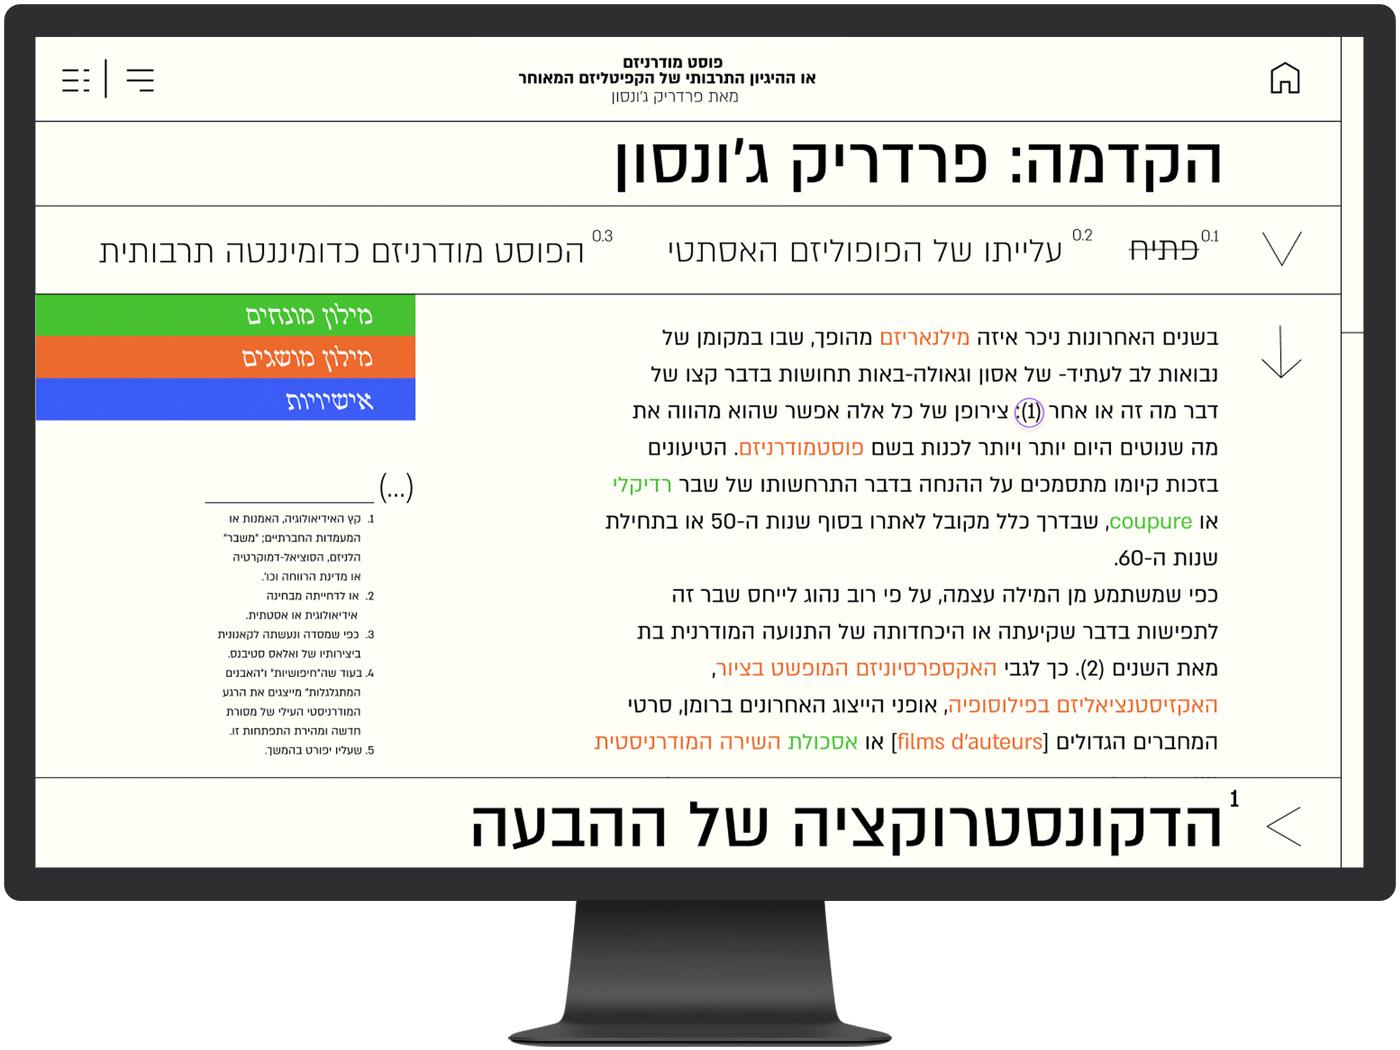 איזיבוק  <span>— ממשק אינטראקטיבי לקריאת מאמרים אקדמיים עבריים</span>